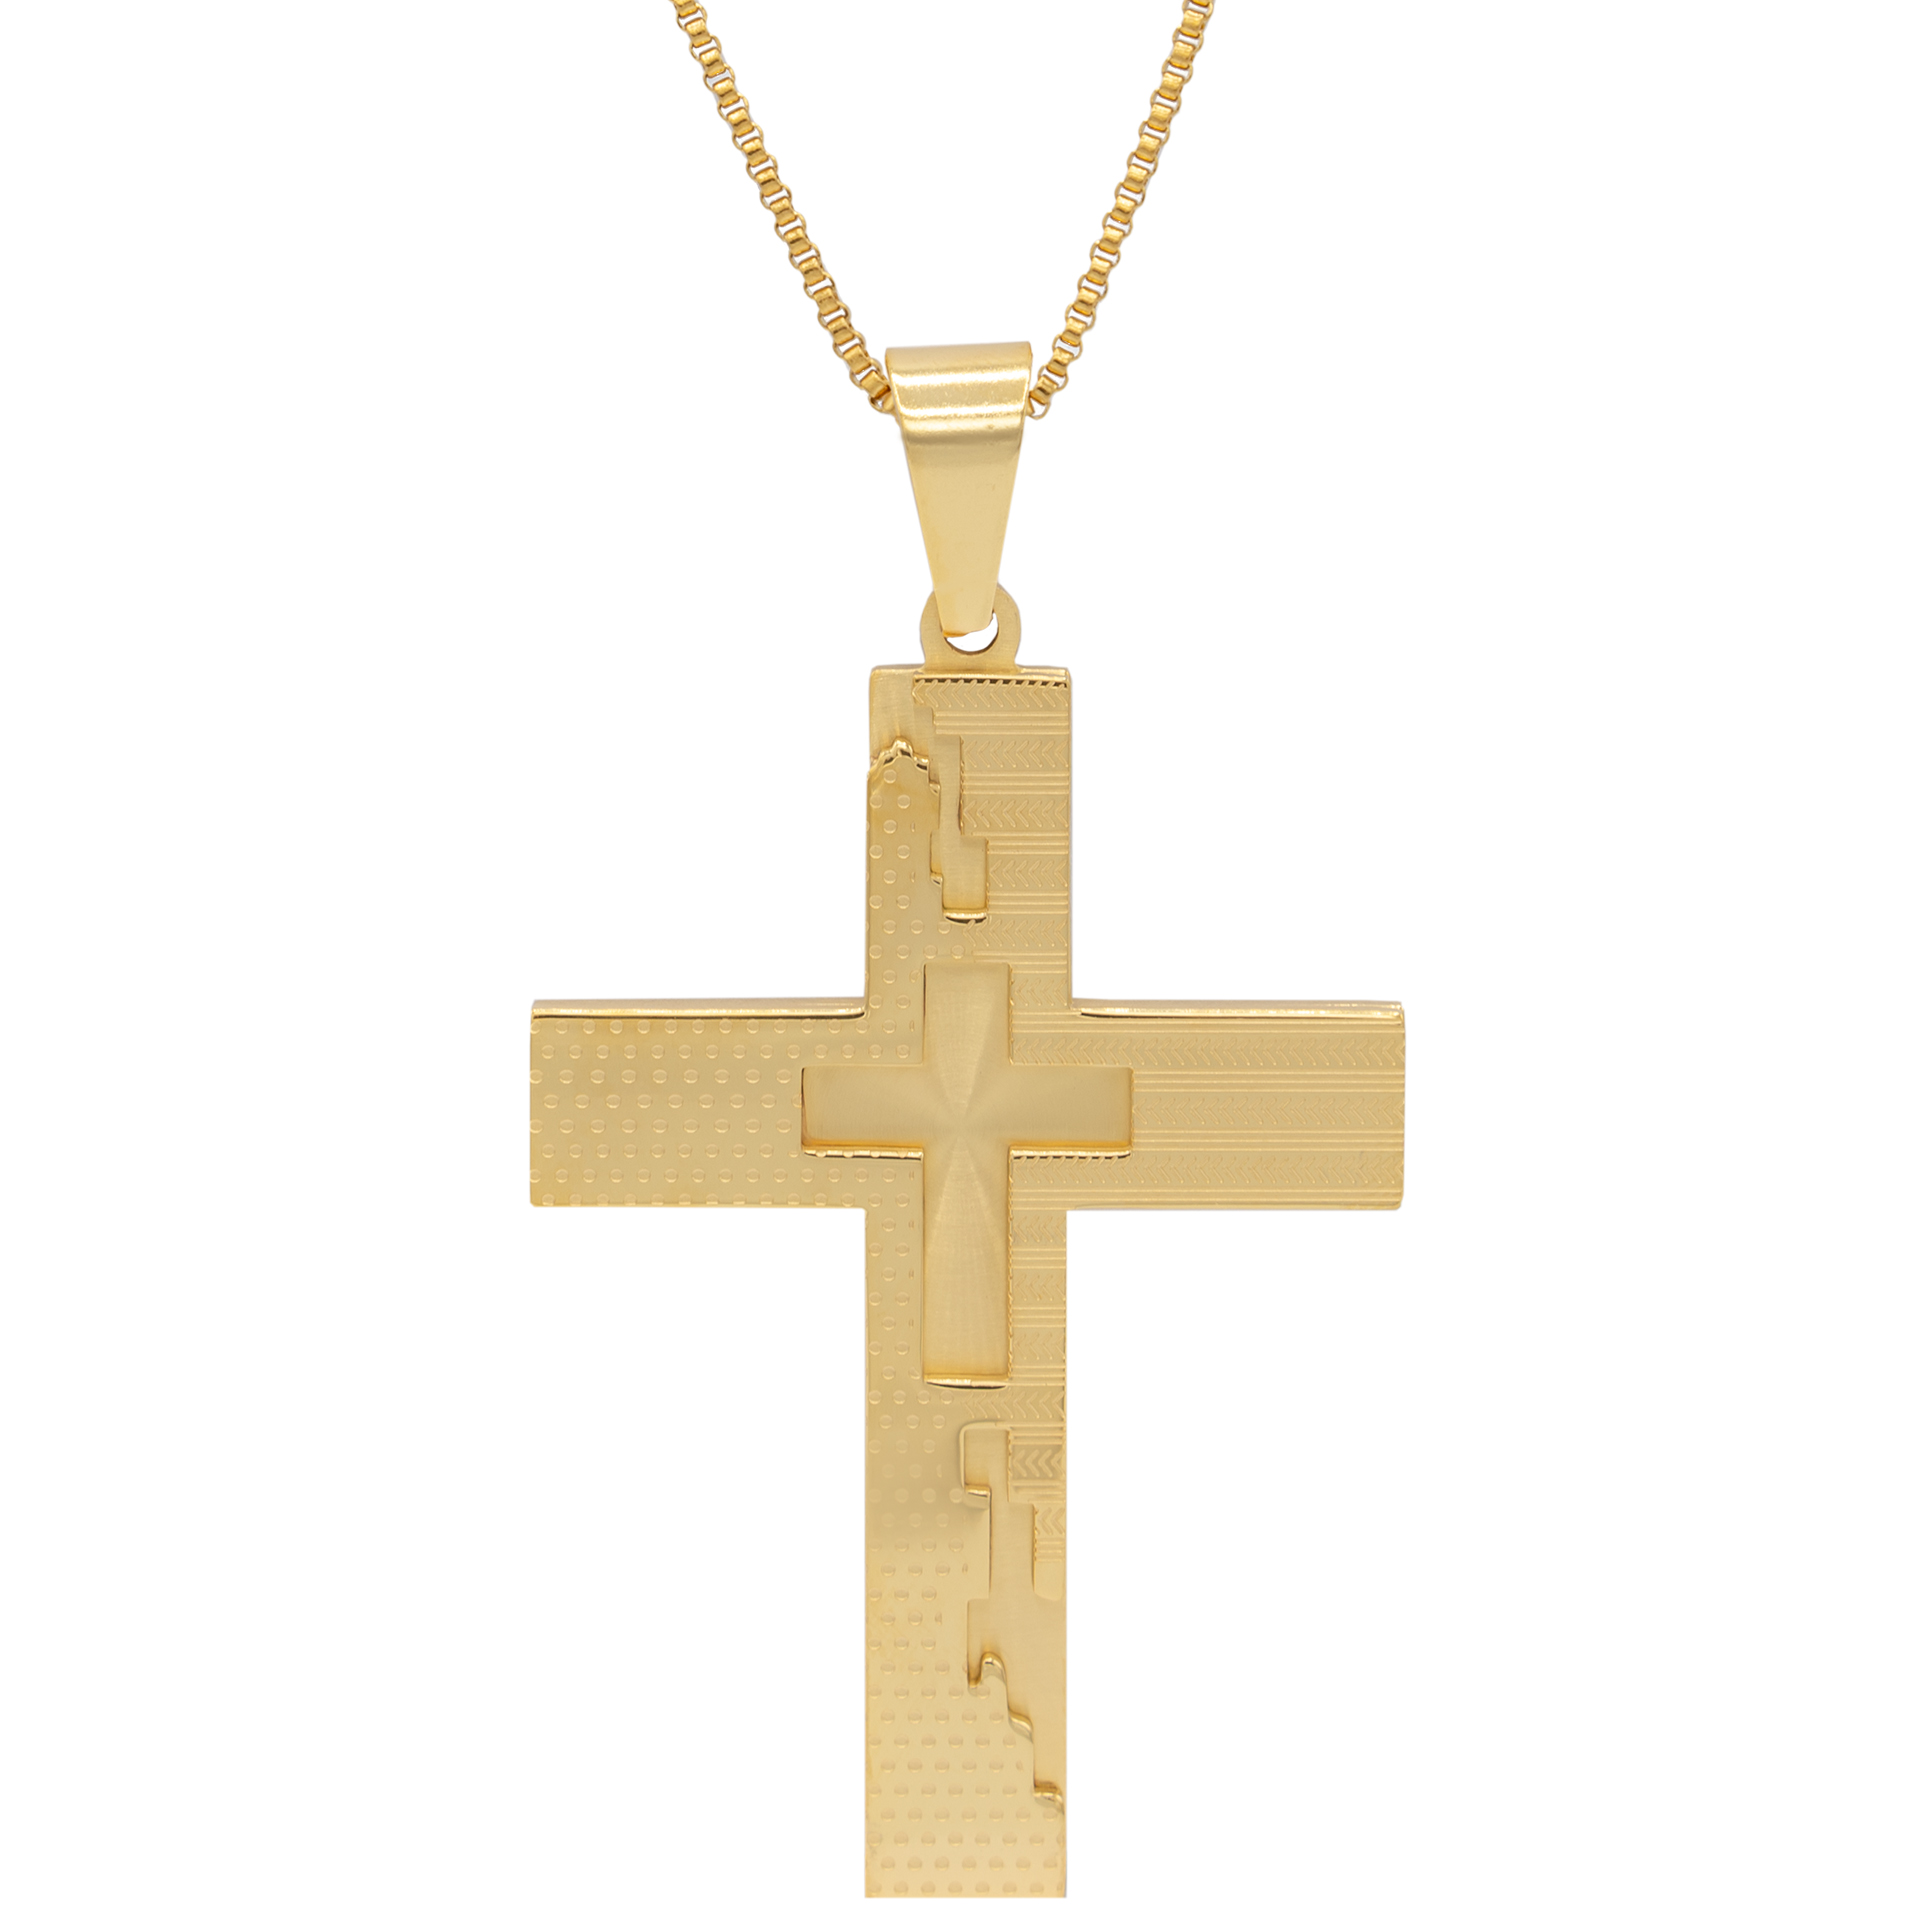 گردنبند بهارگالری طرح صلیب کد 202051